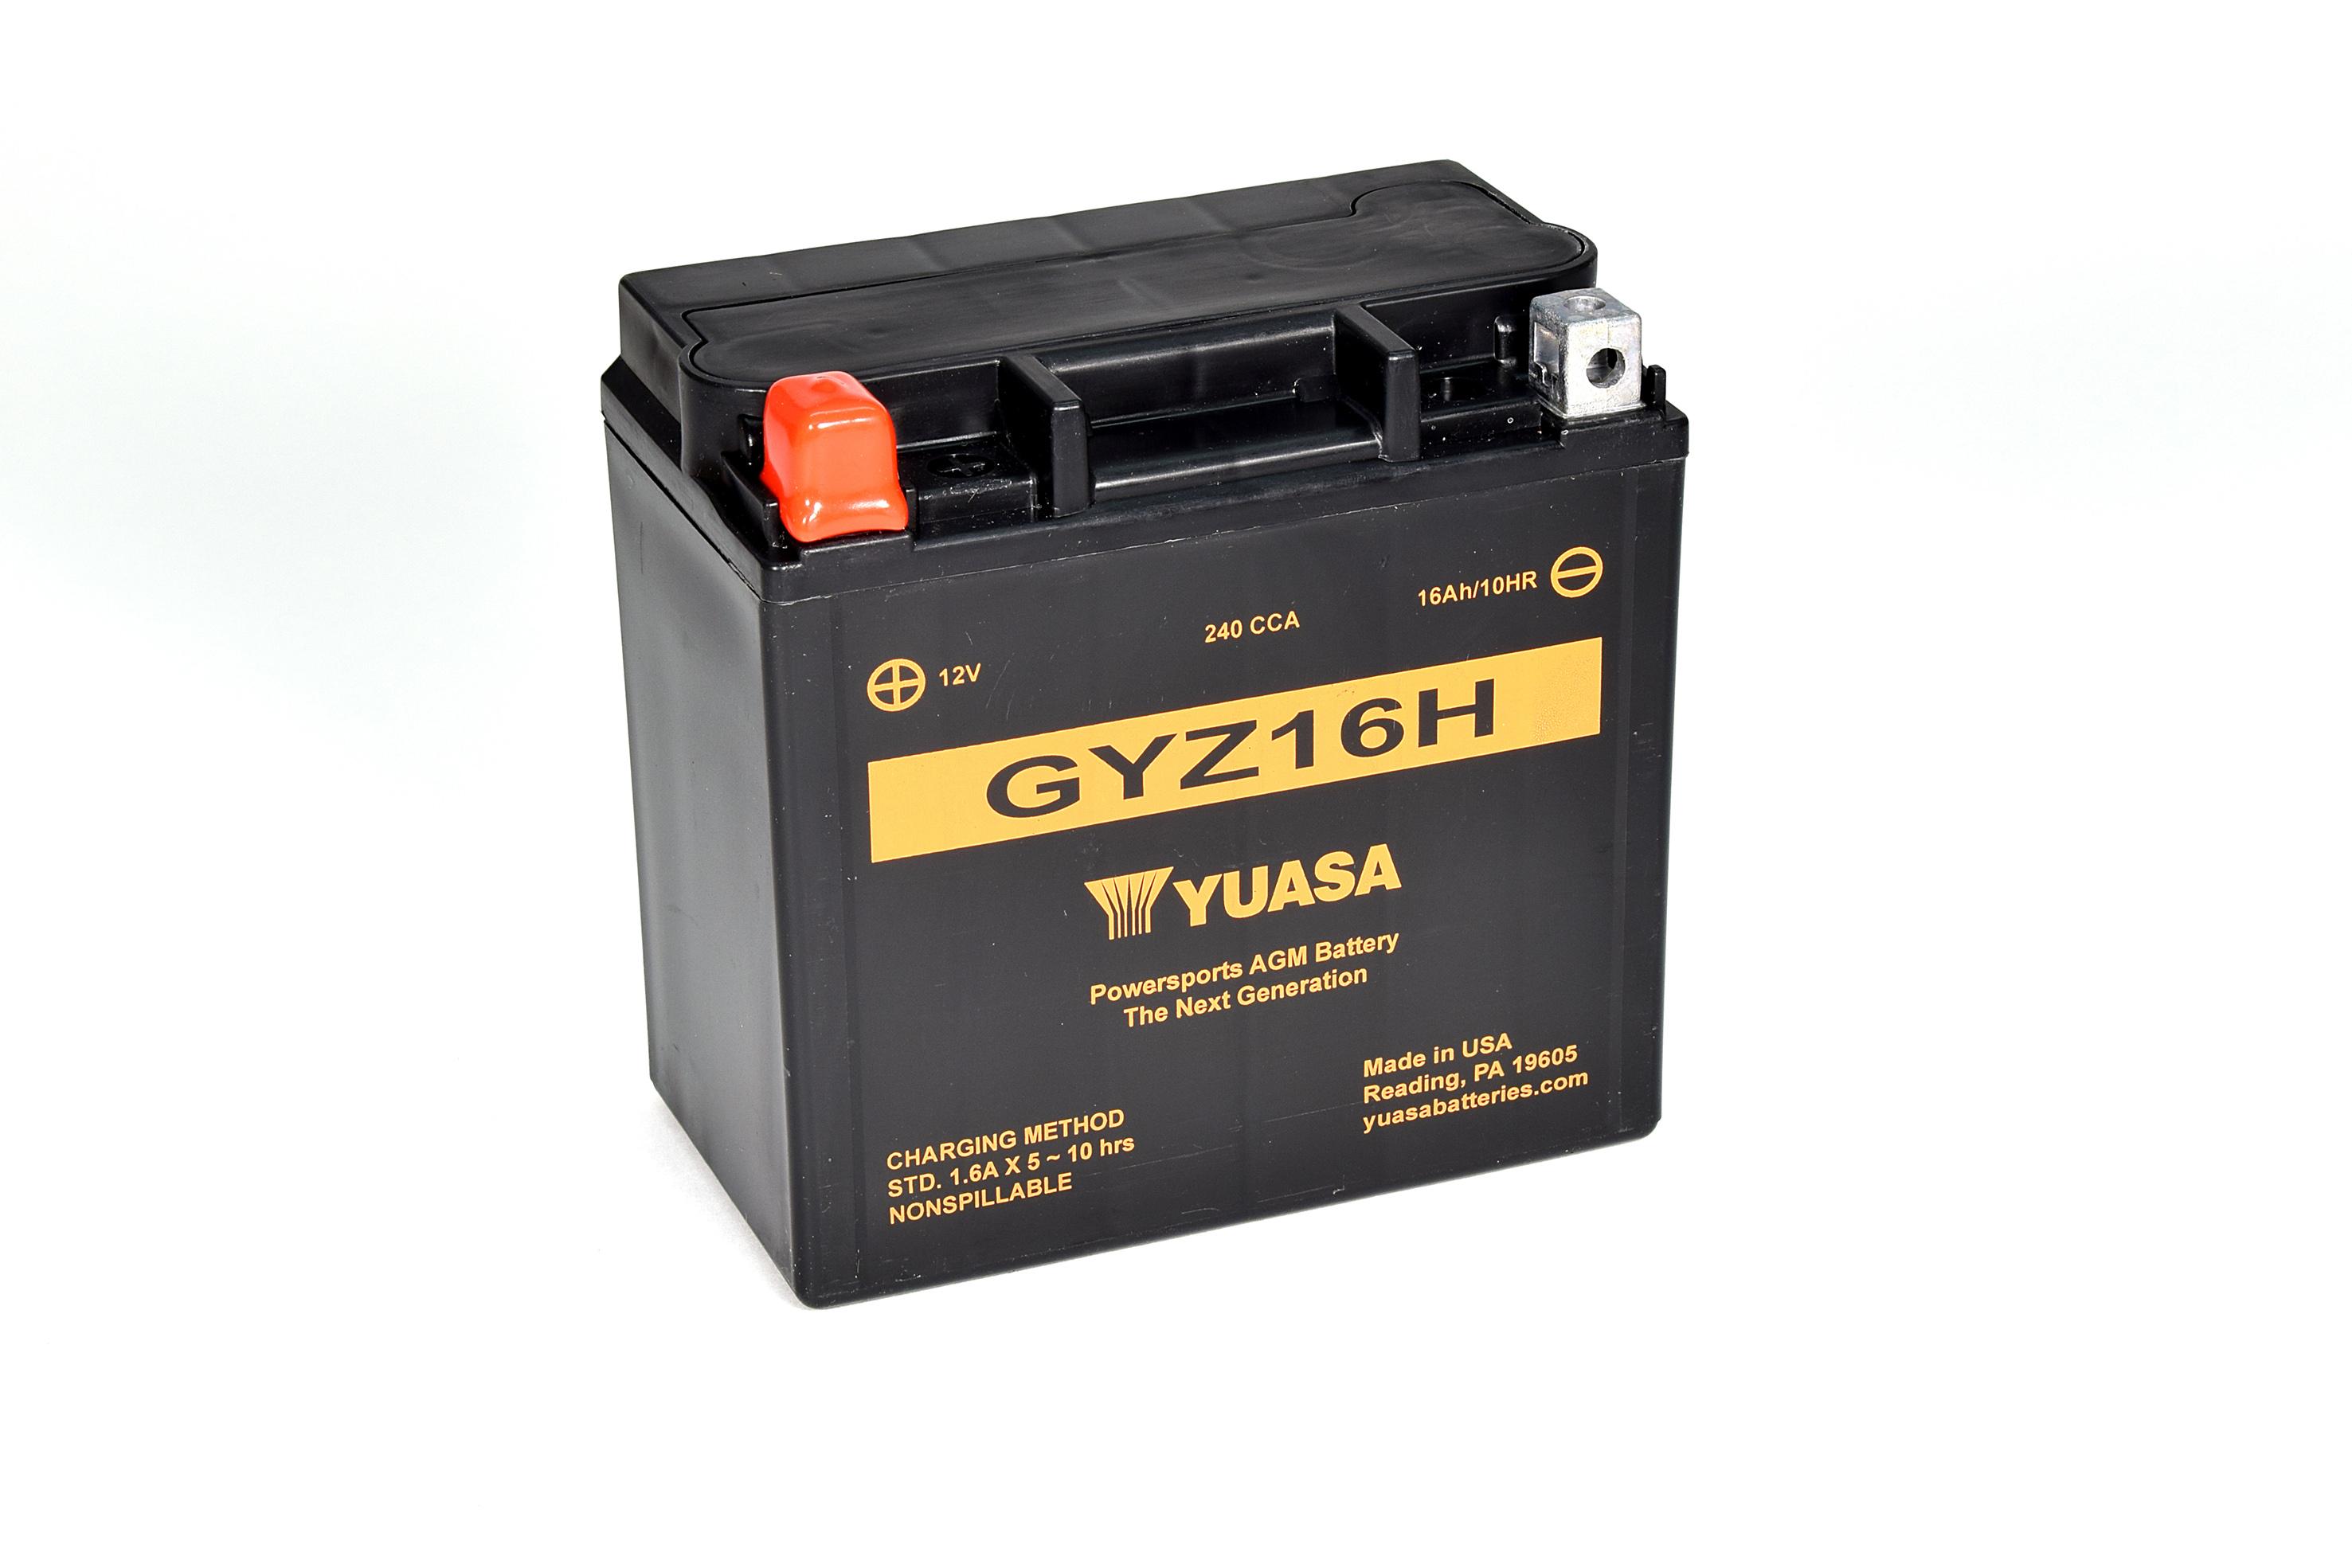 Batterie YUASA GYZ16H (WC) geschlossen